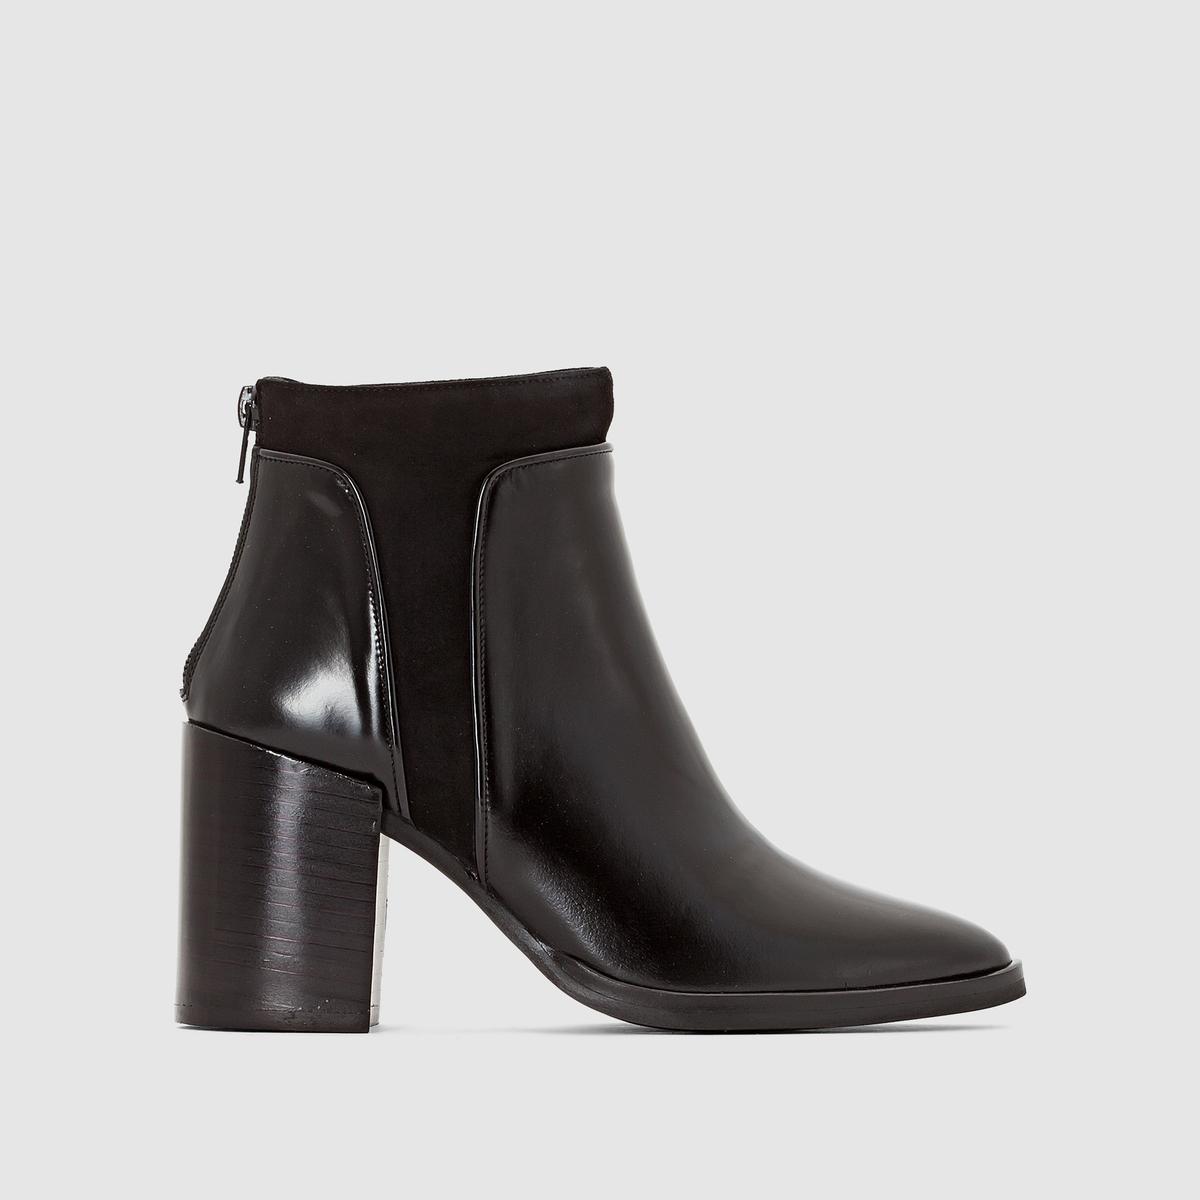 Сапоги на каблуке Varsovie, лакированная кожа + велюрПодкладка : Кожа.   Подошва : Эластомер   Высота голенища: 17 см.   Высота каблука : 8 см   Форма каблука : широкий   Мысок : Закругленный   Застежка : без застежки<br><br>Цвет: черный<br>Размер: 39